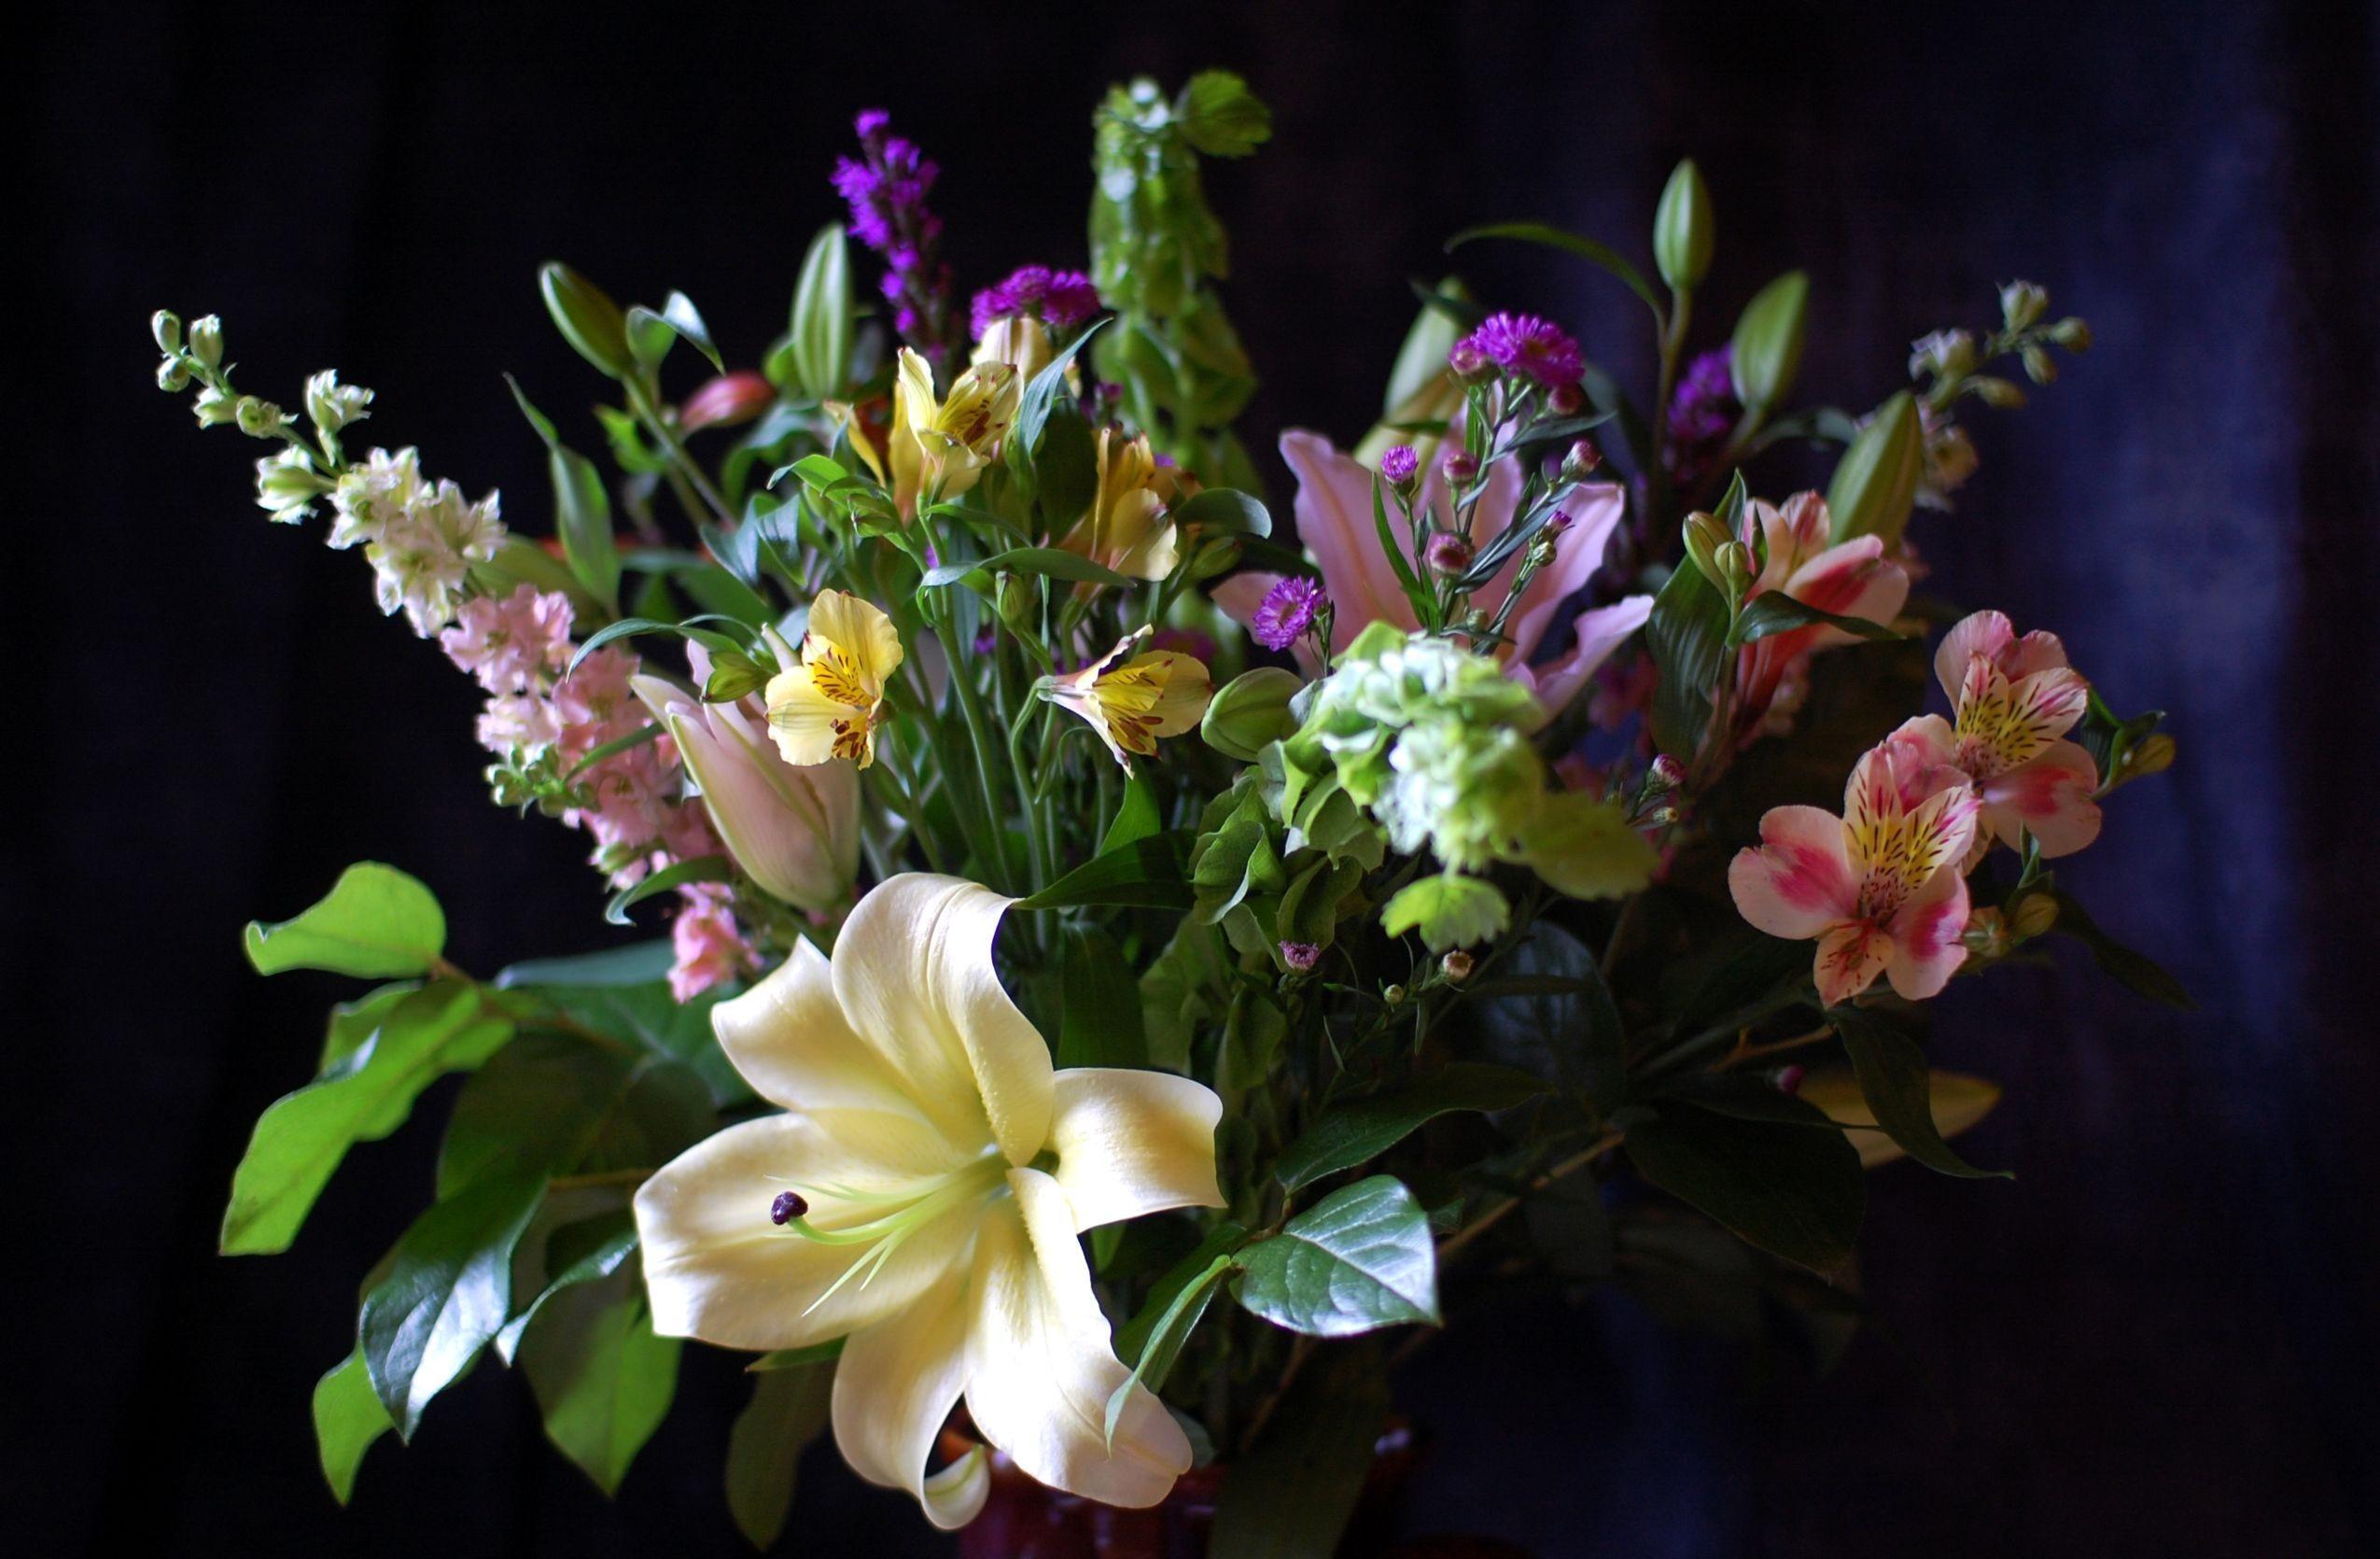 75437 скачать обои Цветы, Лилия, Альстромерия, Букет, Листья, Композиция - заставки и картинки бесплатно